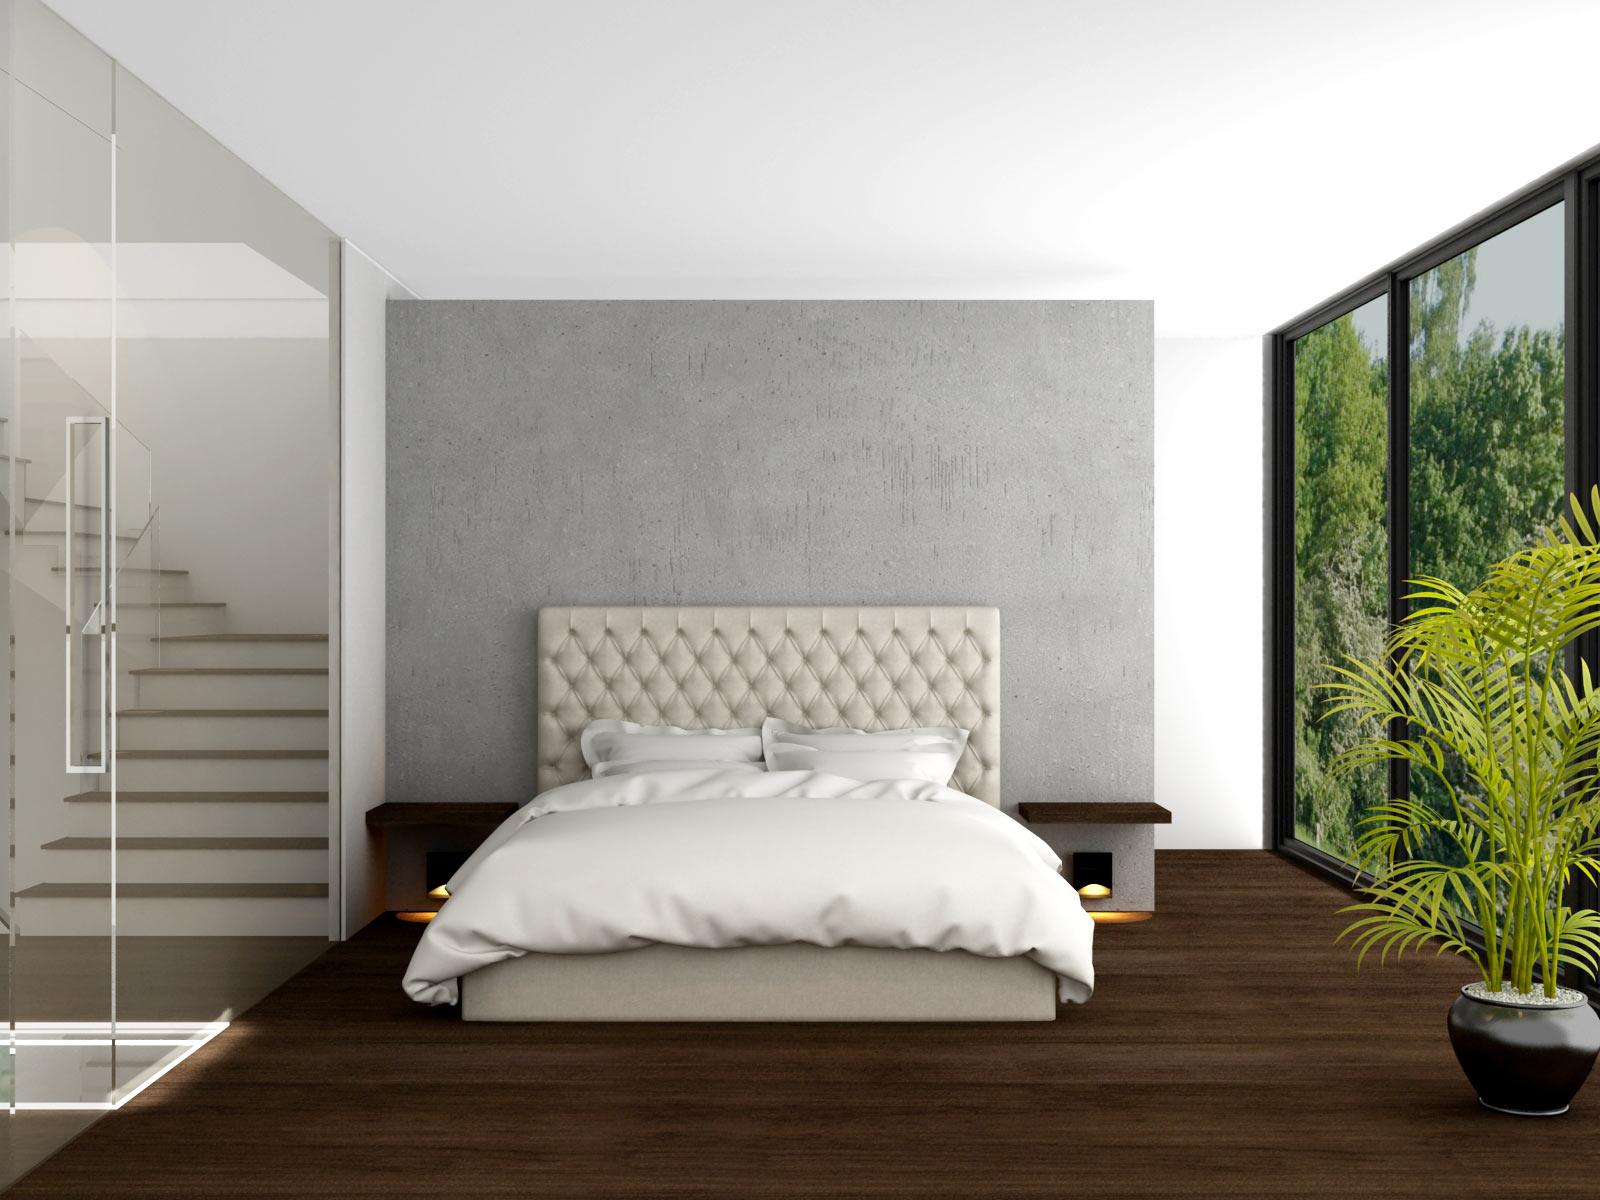 Loft House Living Loft_Master Bedroom